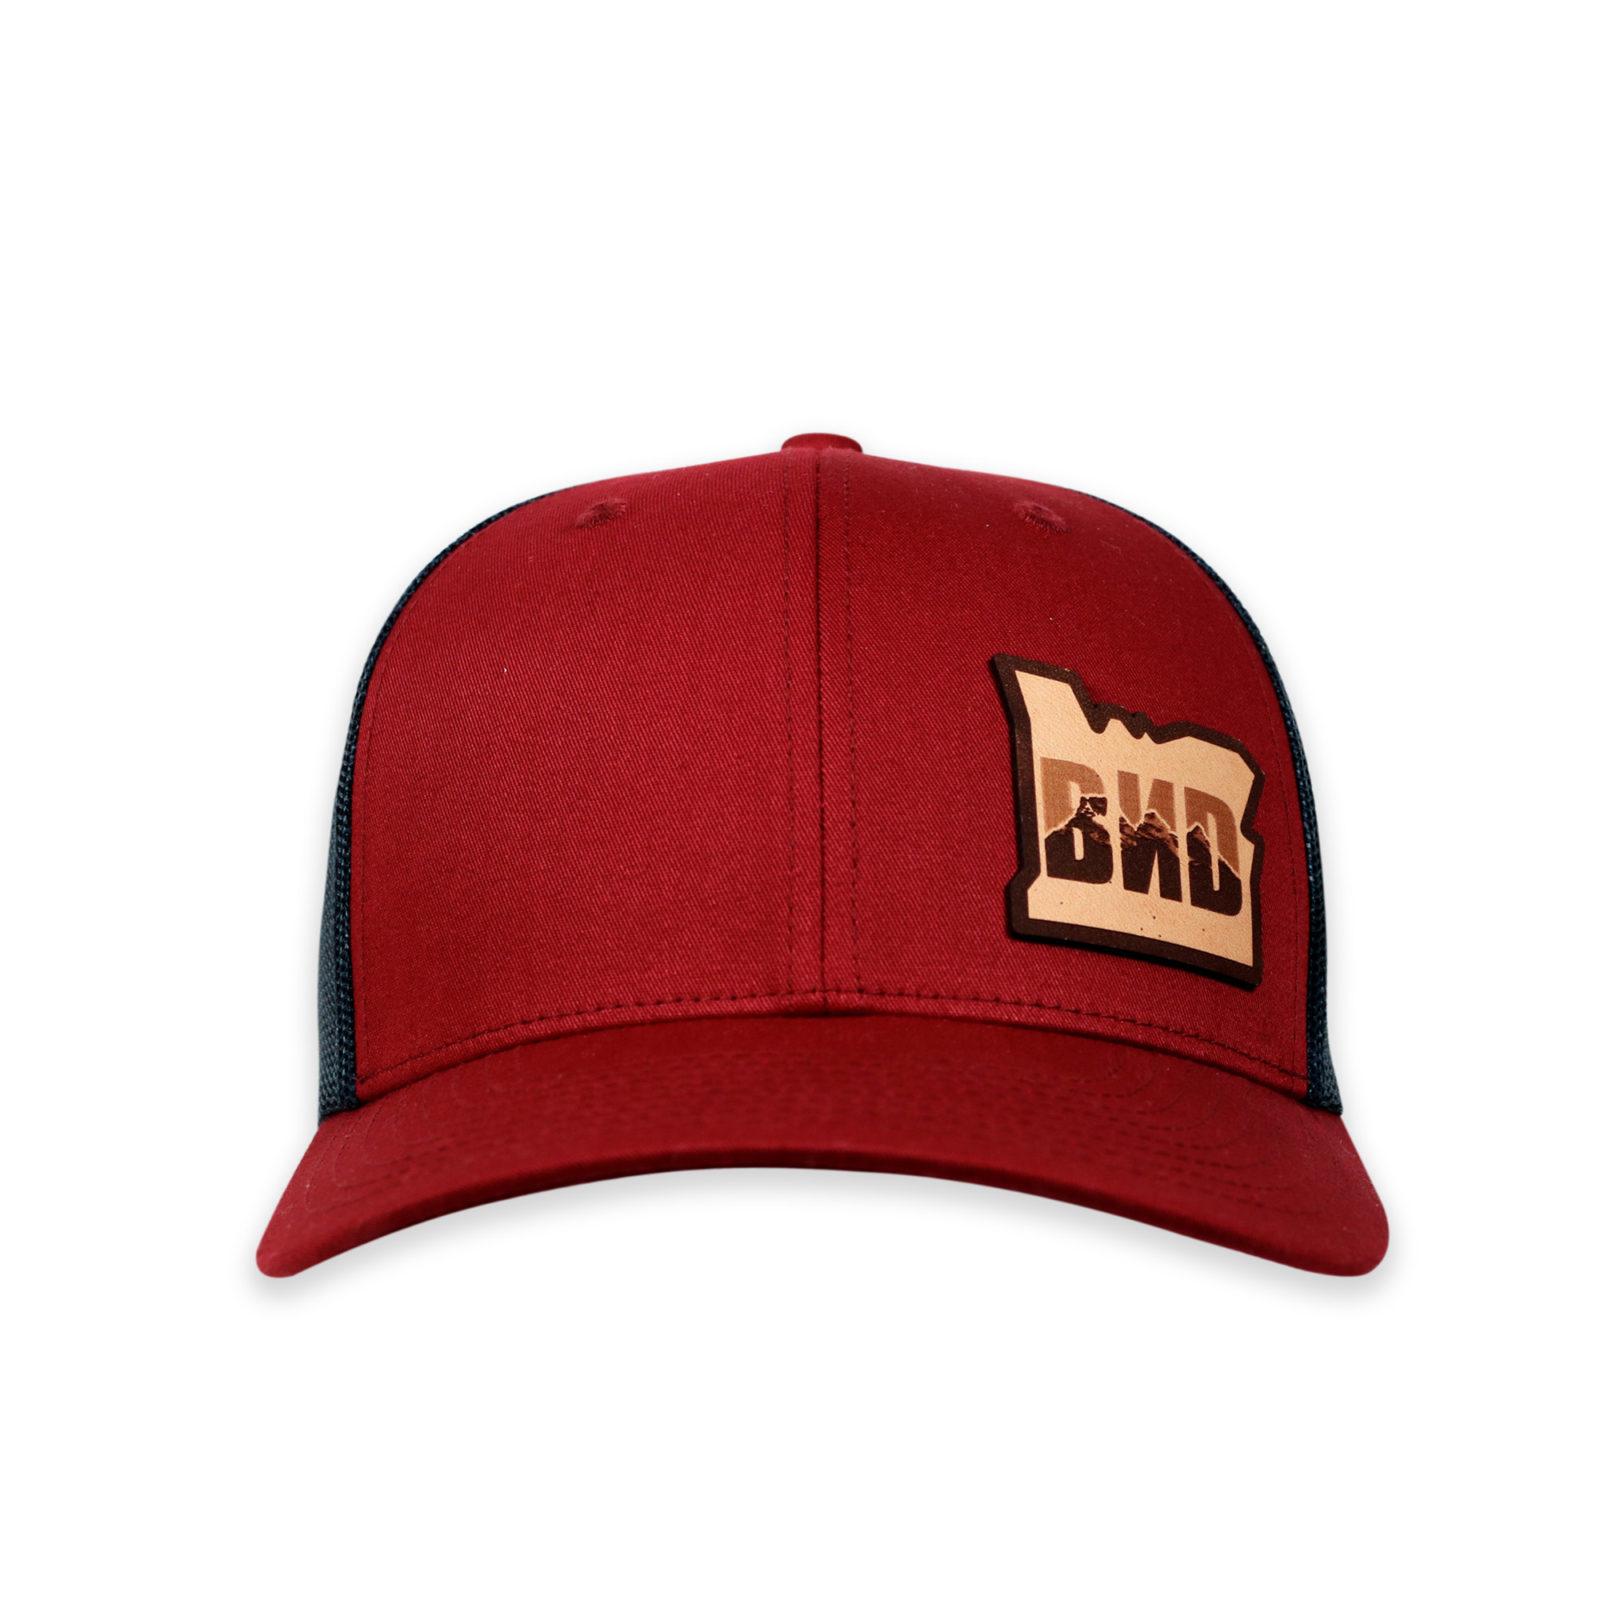 Hat_BND_Maroon